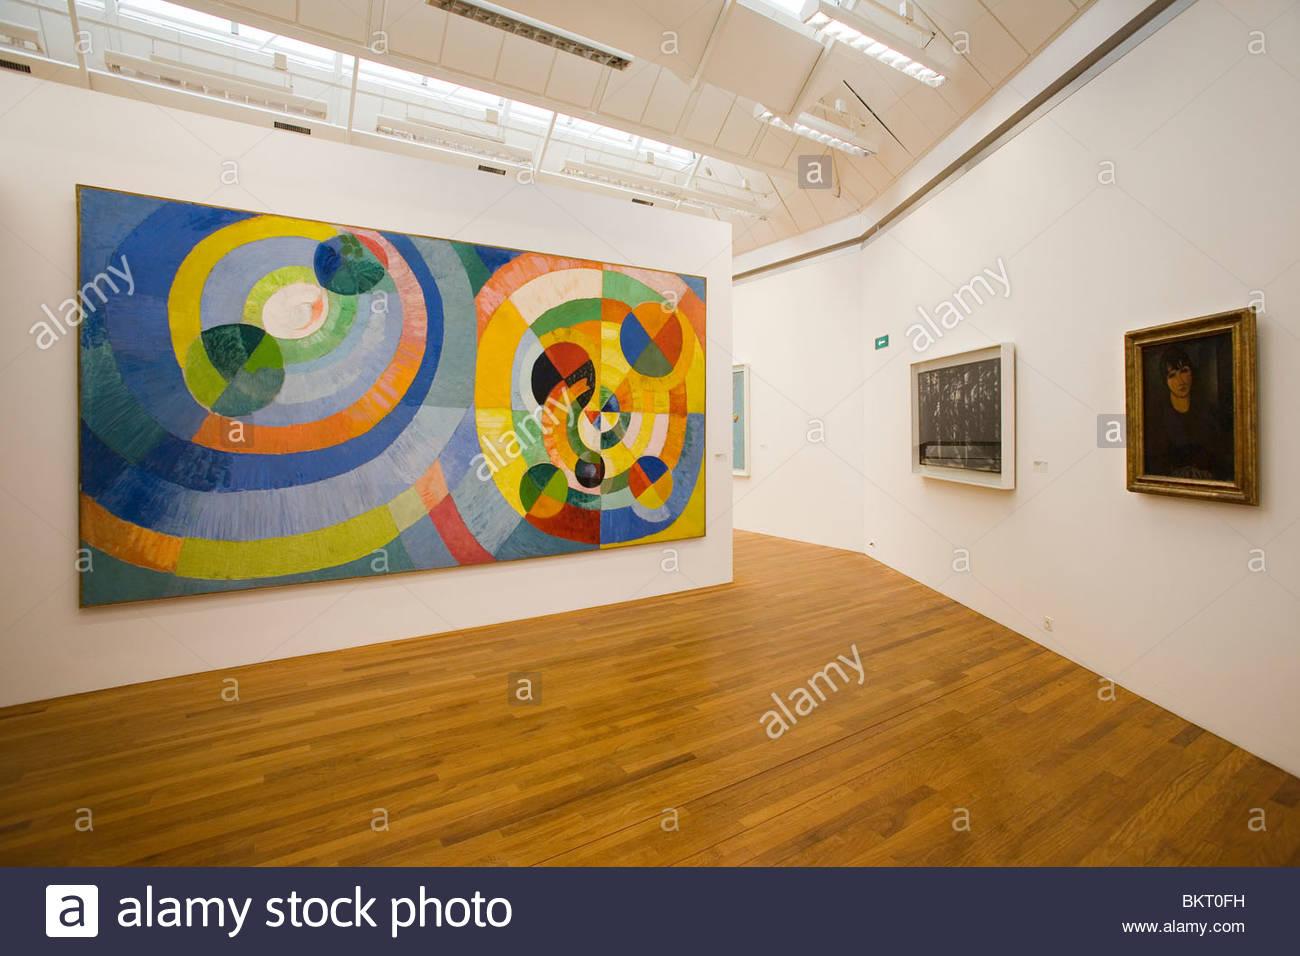 Museo d'arte,,Kunsthaus di Zurigo, Svizzera Immagini Stock